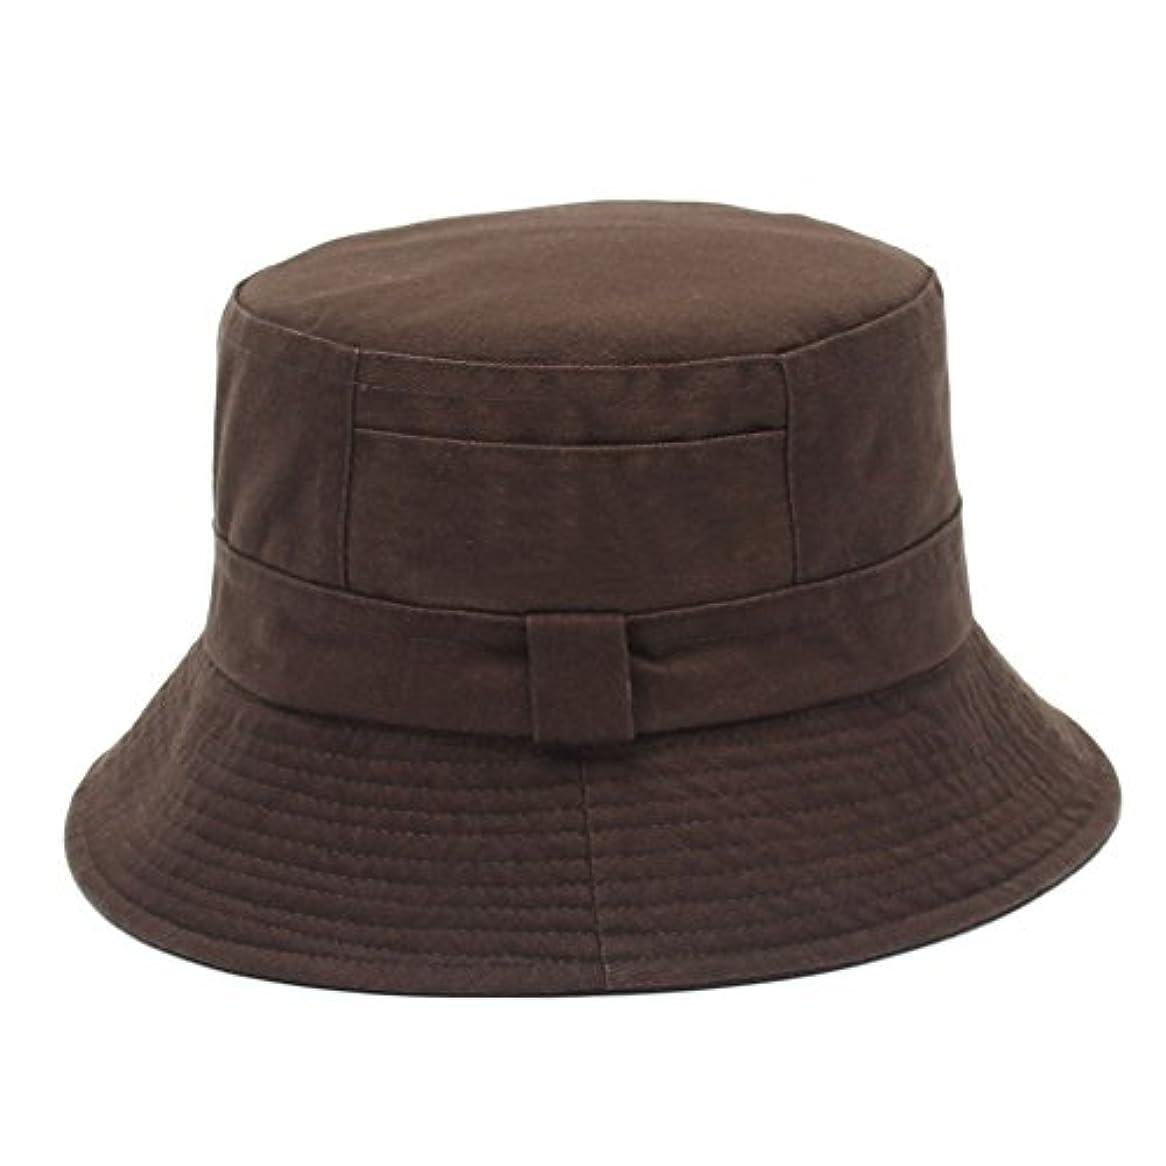 カンガルーファンブル盆地Lalagoバケットハット、ユニセックスWashedコットン夏旅行帽子、釣り帽子、サンハット – Sun保護用